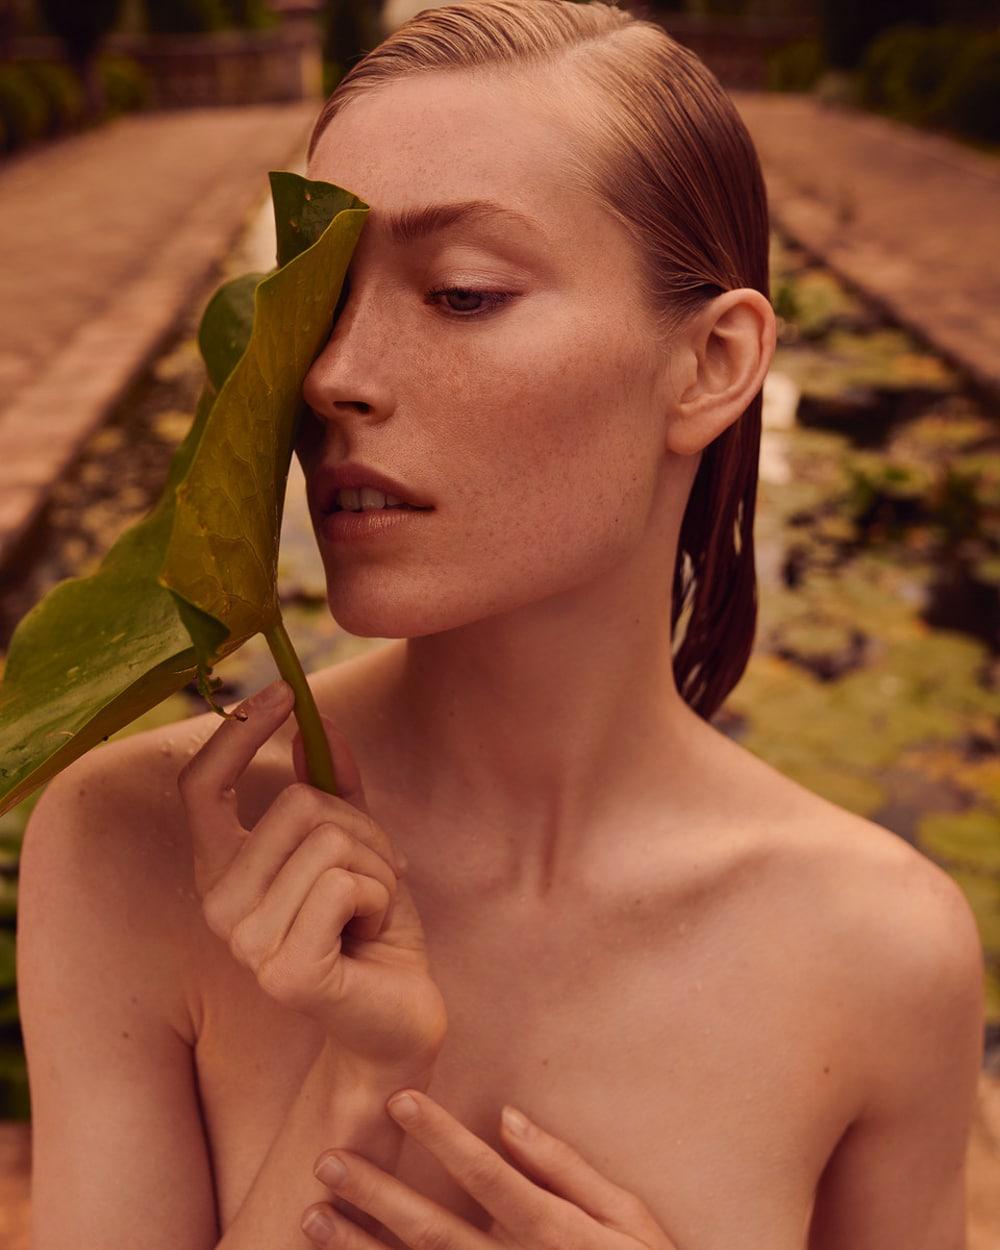 Caroline-Lossberg-Vogue-Portugal-Andreas-Ortner-5.jpg